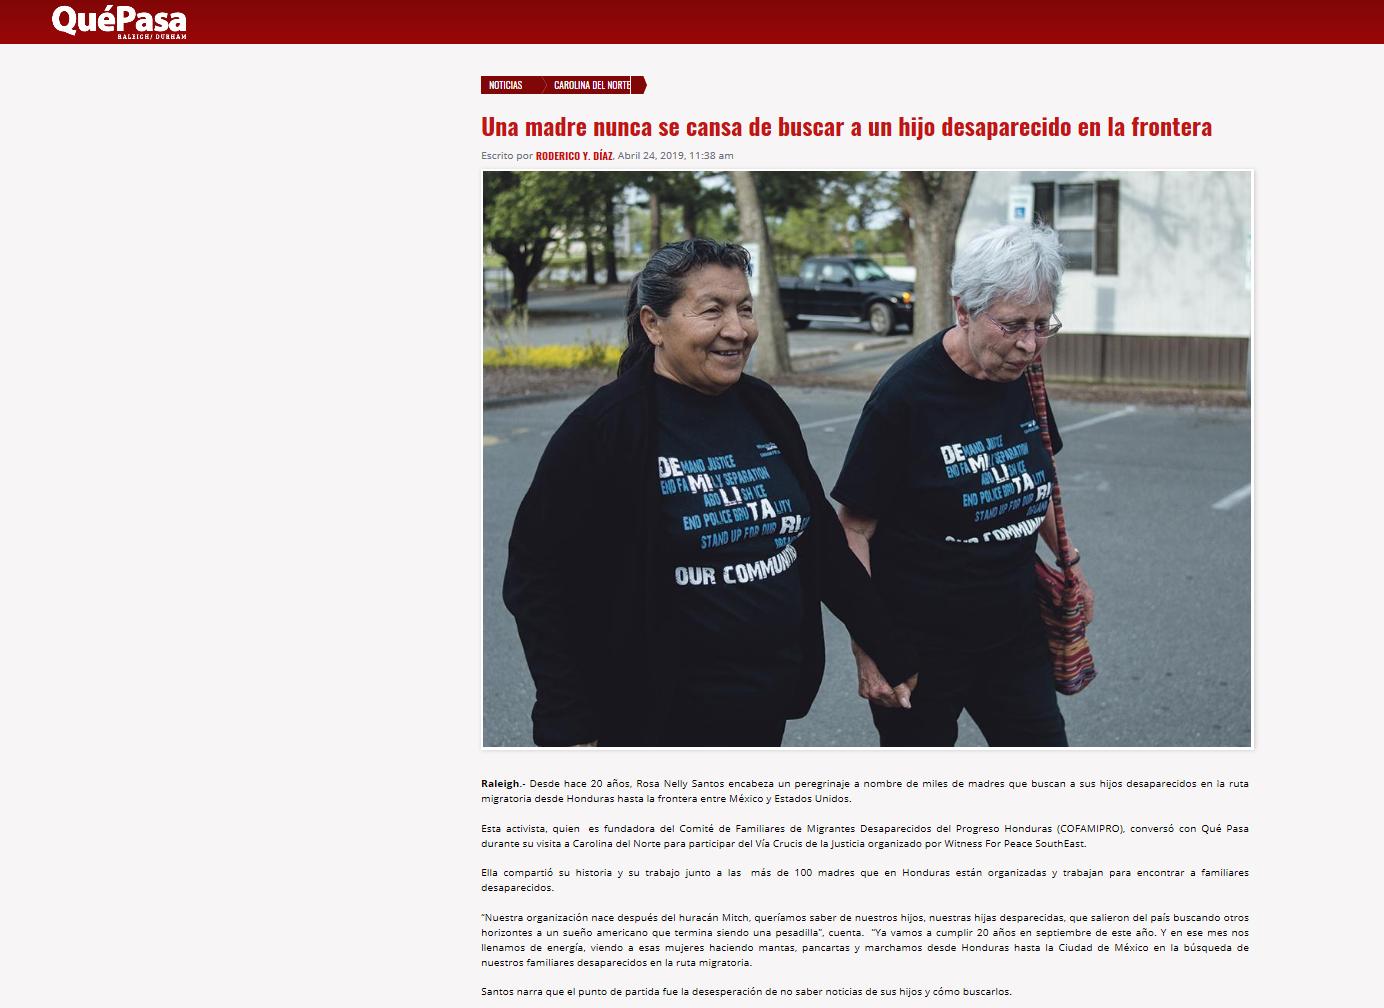 Screenshot_2019-04-26 Una madre nunca se cansa de buscar a un hijo desaparecido en la frontera.png